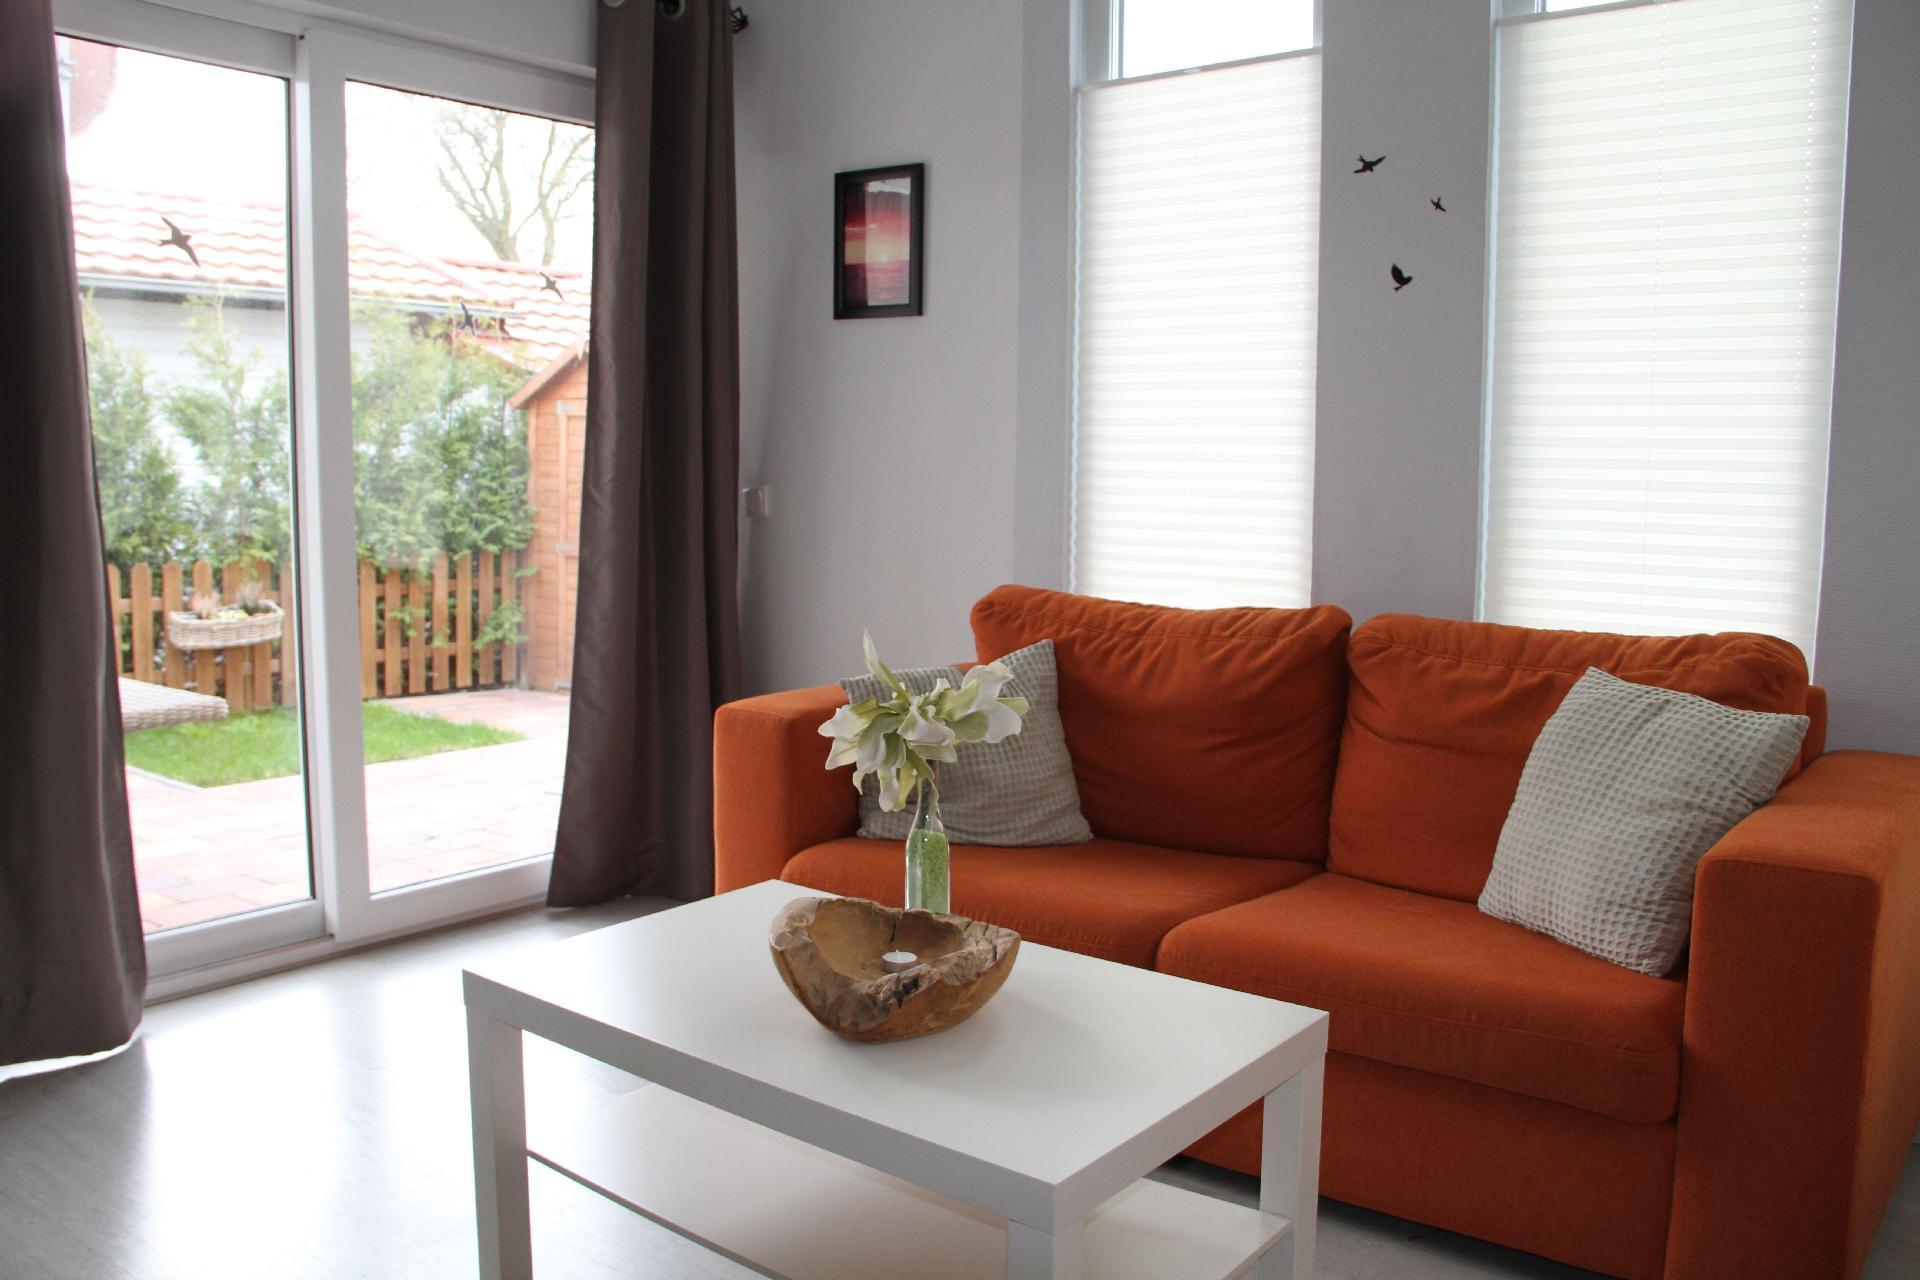 Ferienhaus für 4 Personen ca. 50 m² in W  in den Niederlande